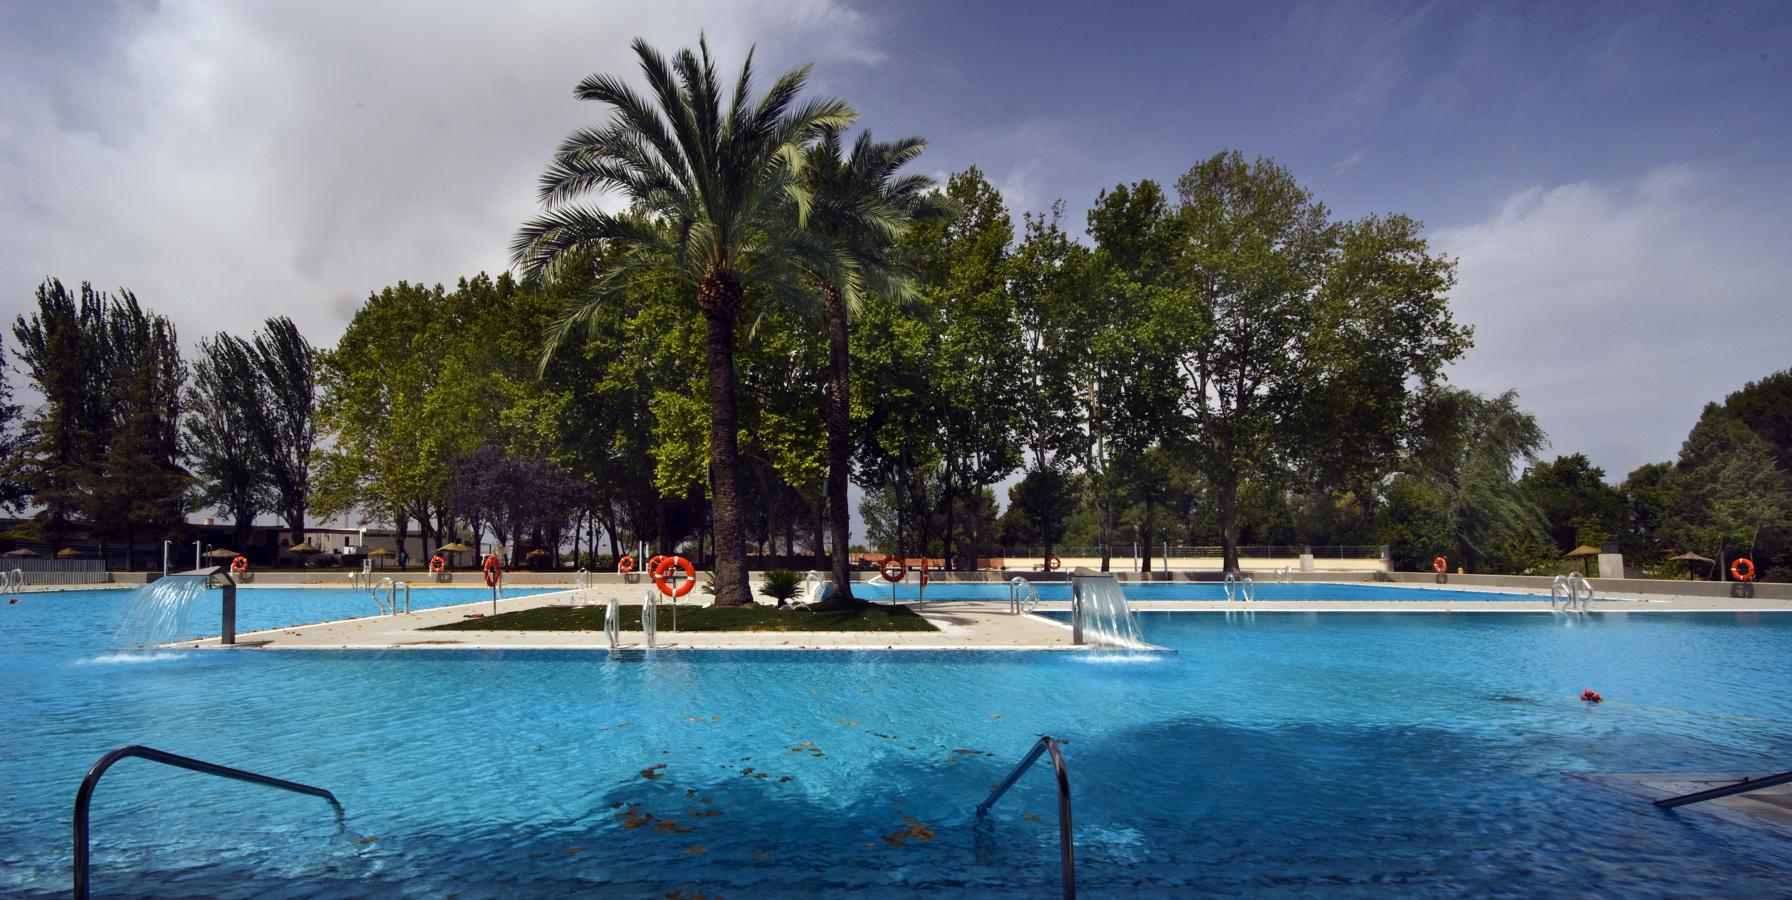 Piscina municipal Montilla (Córdoba)